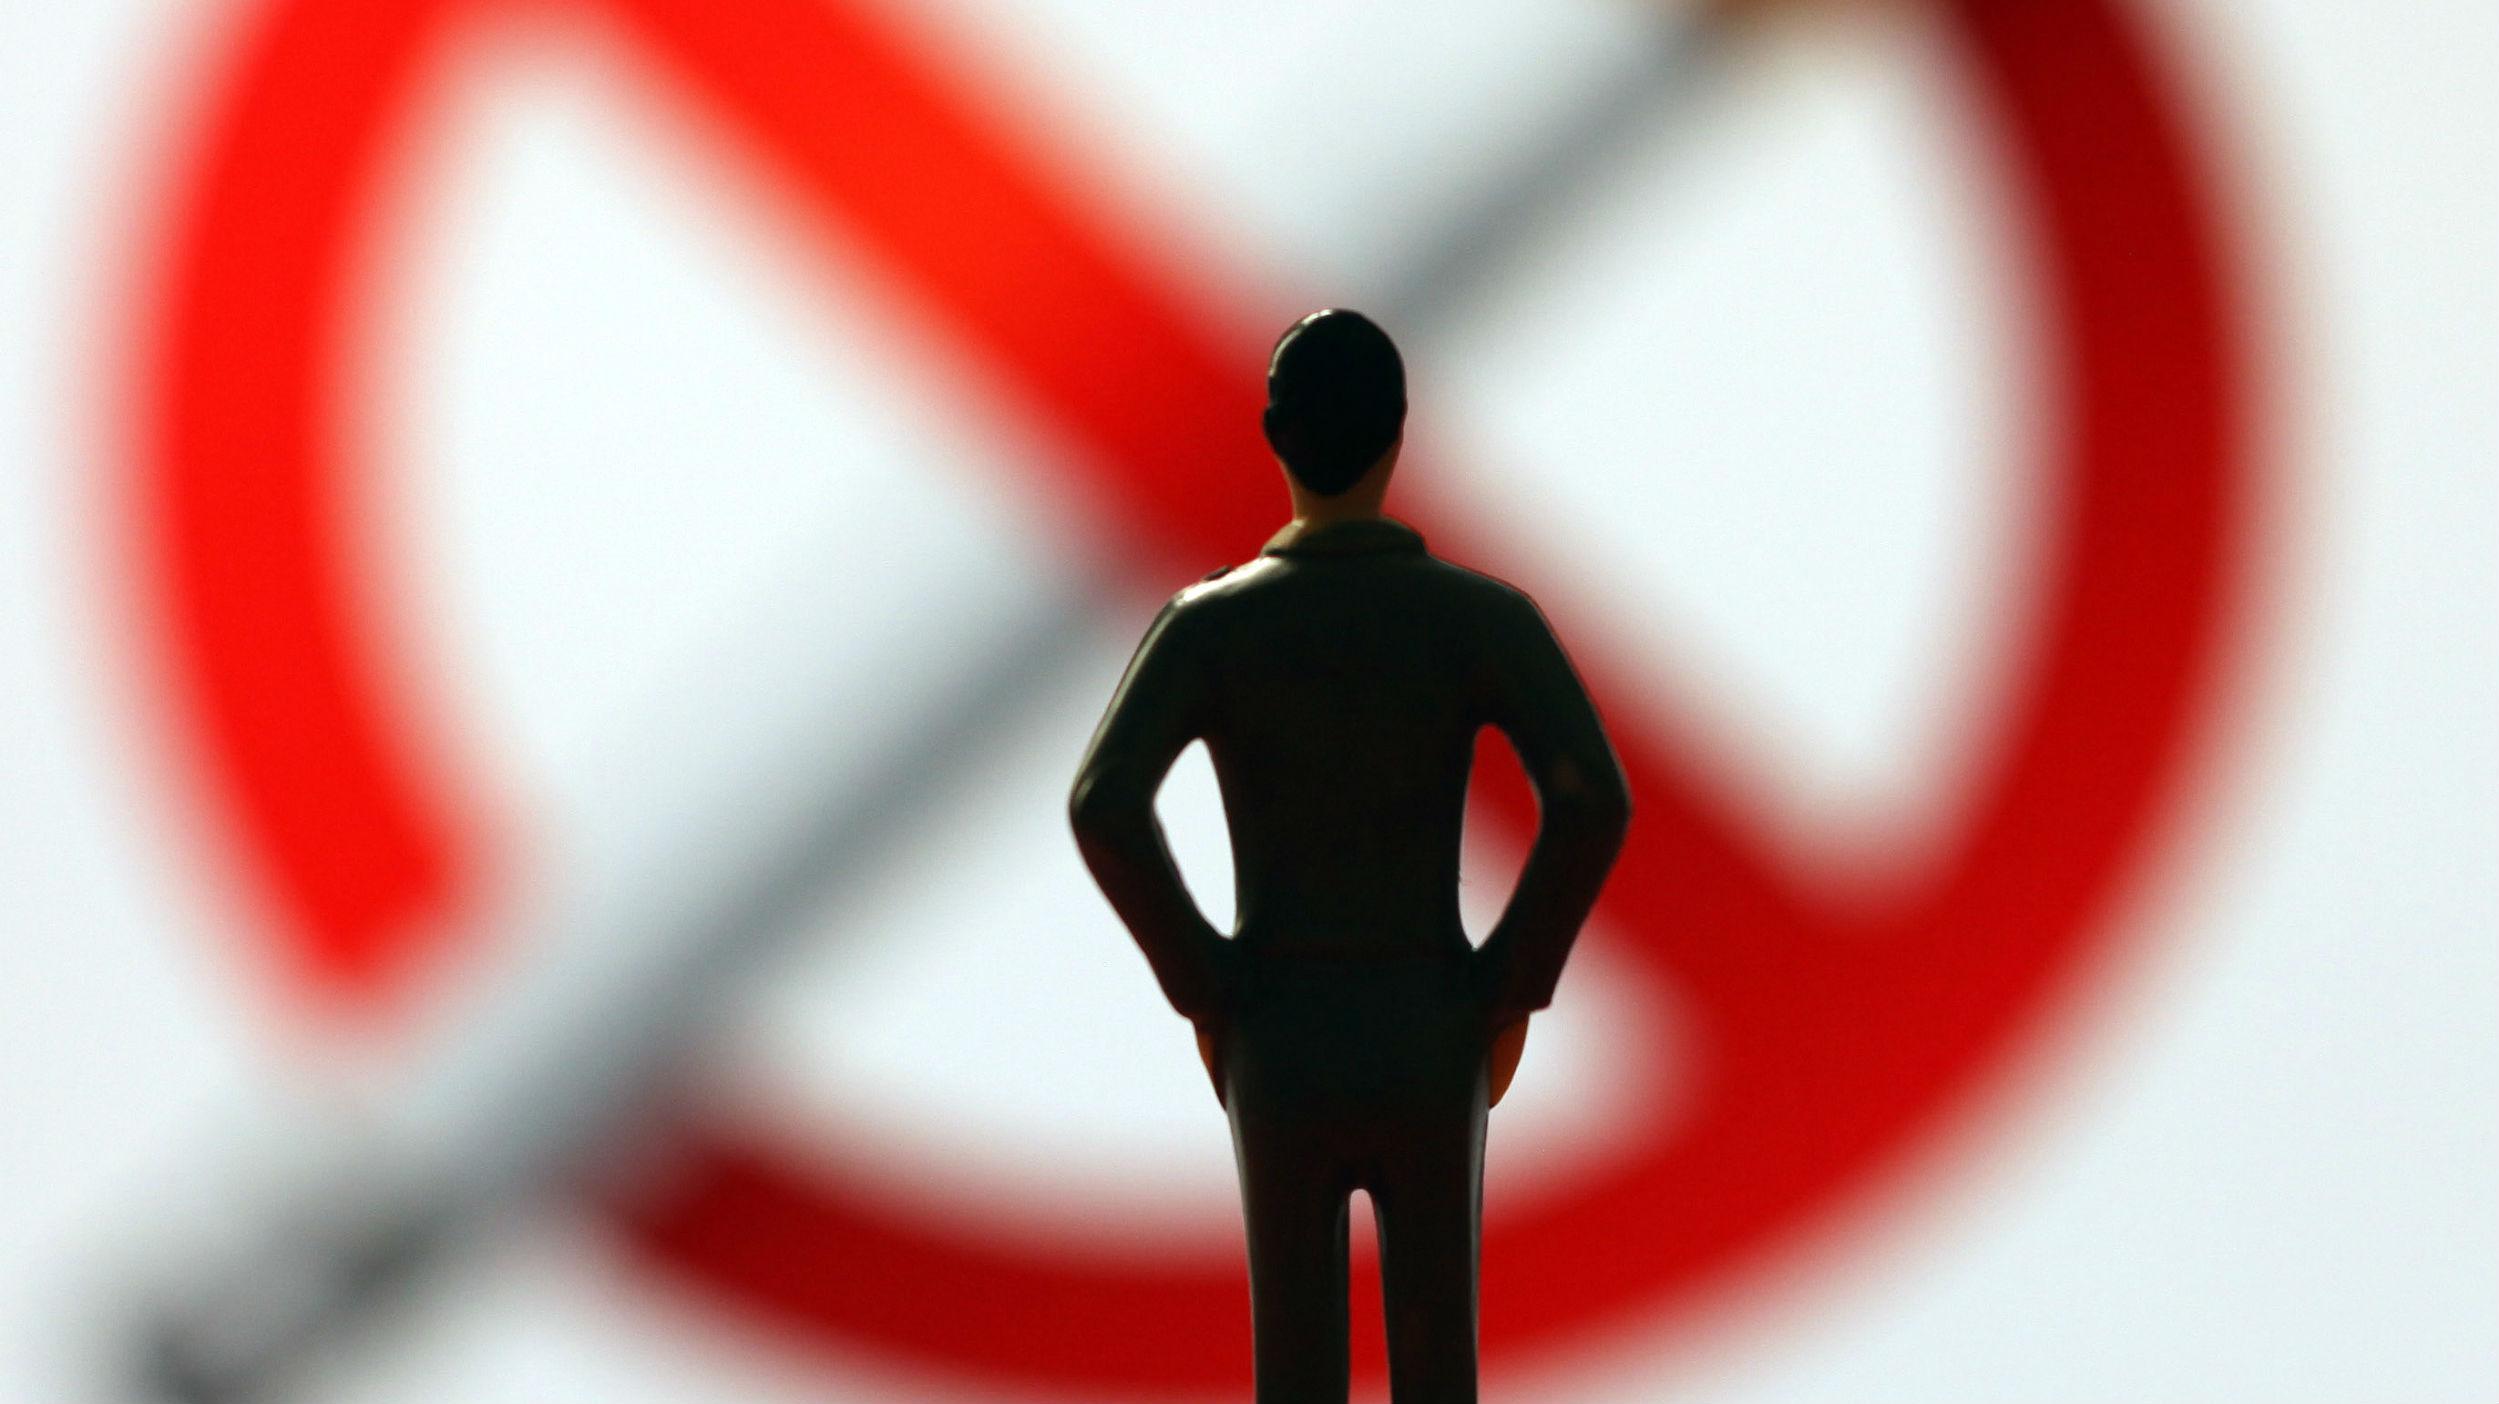 戒烟几年未见成效? 专家告诉你几个告别吸烟的良方